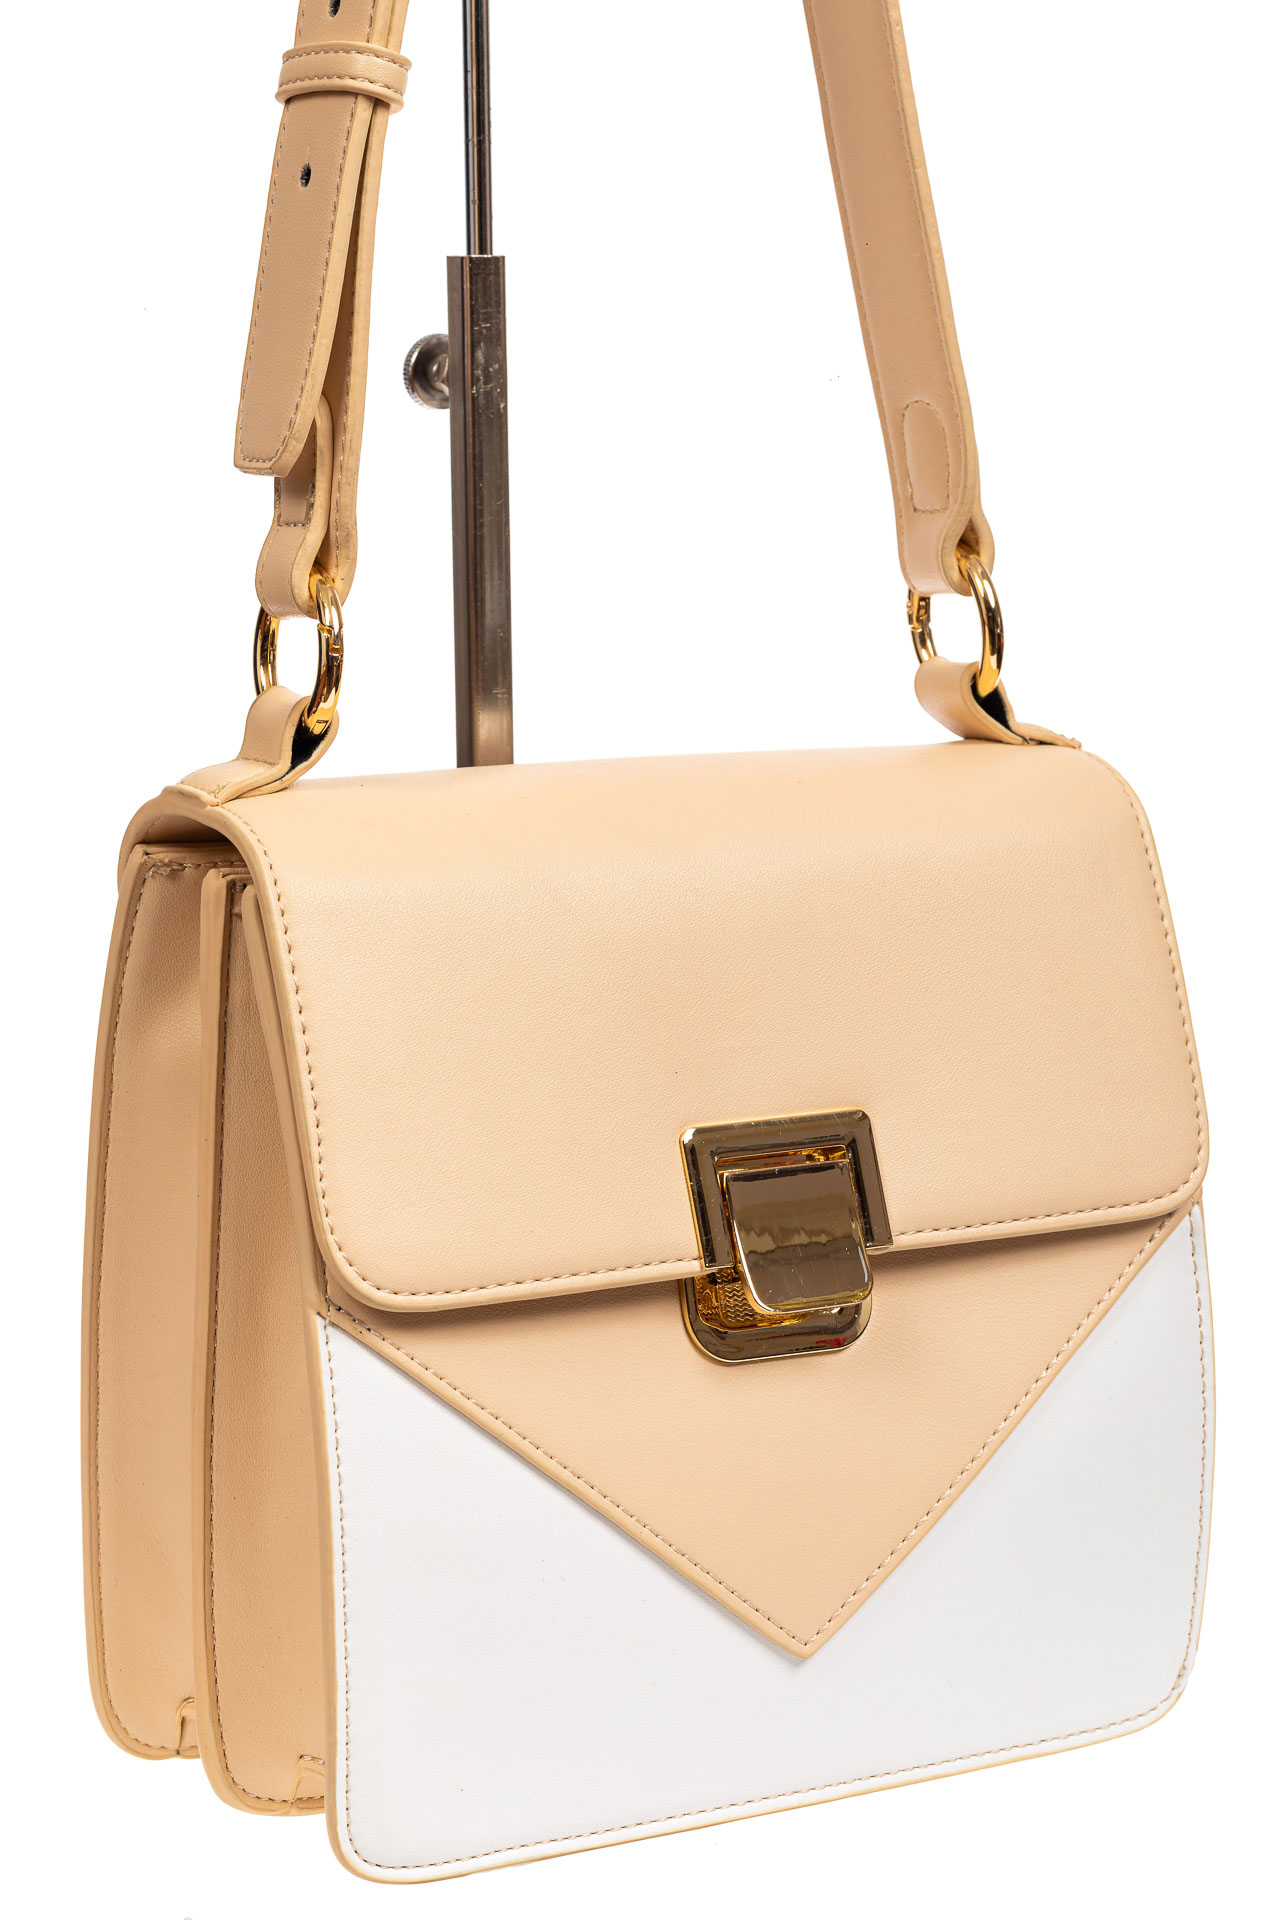 Маленькая каркасная женская сумка из экокожи, цвет бежевый2047NK0420/10